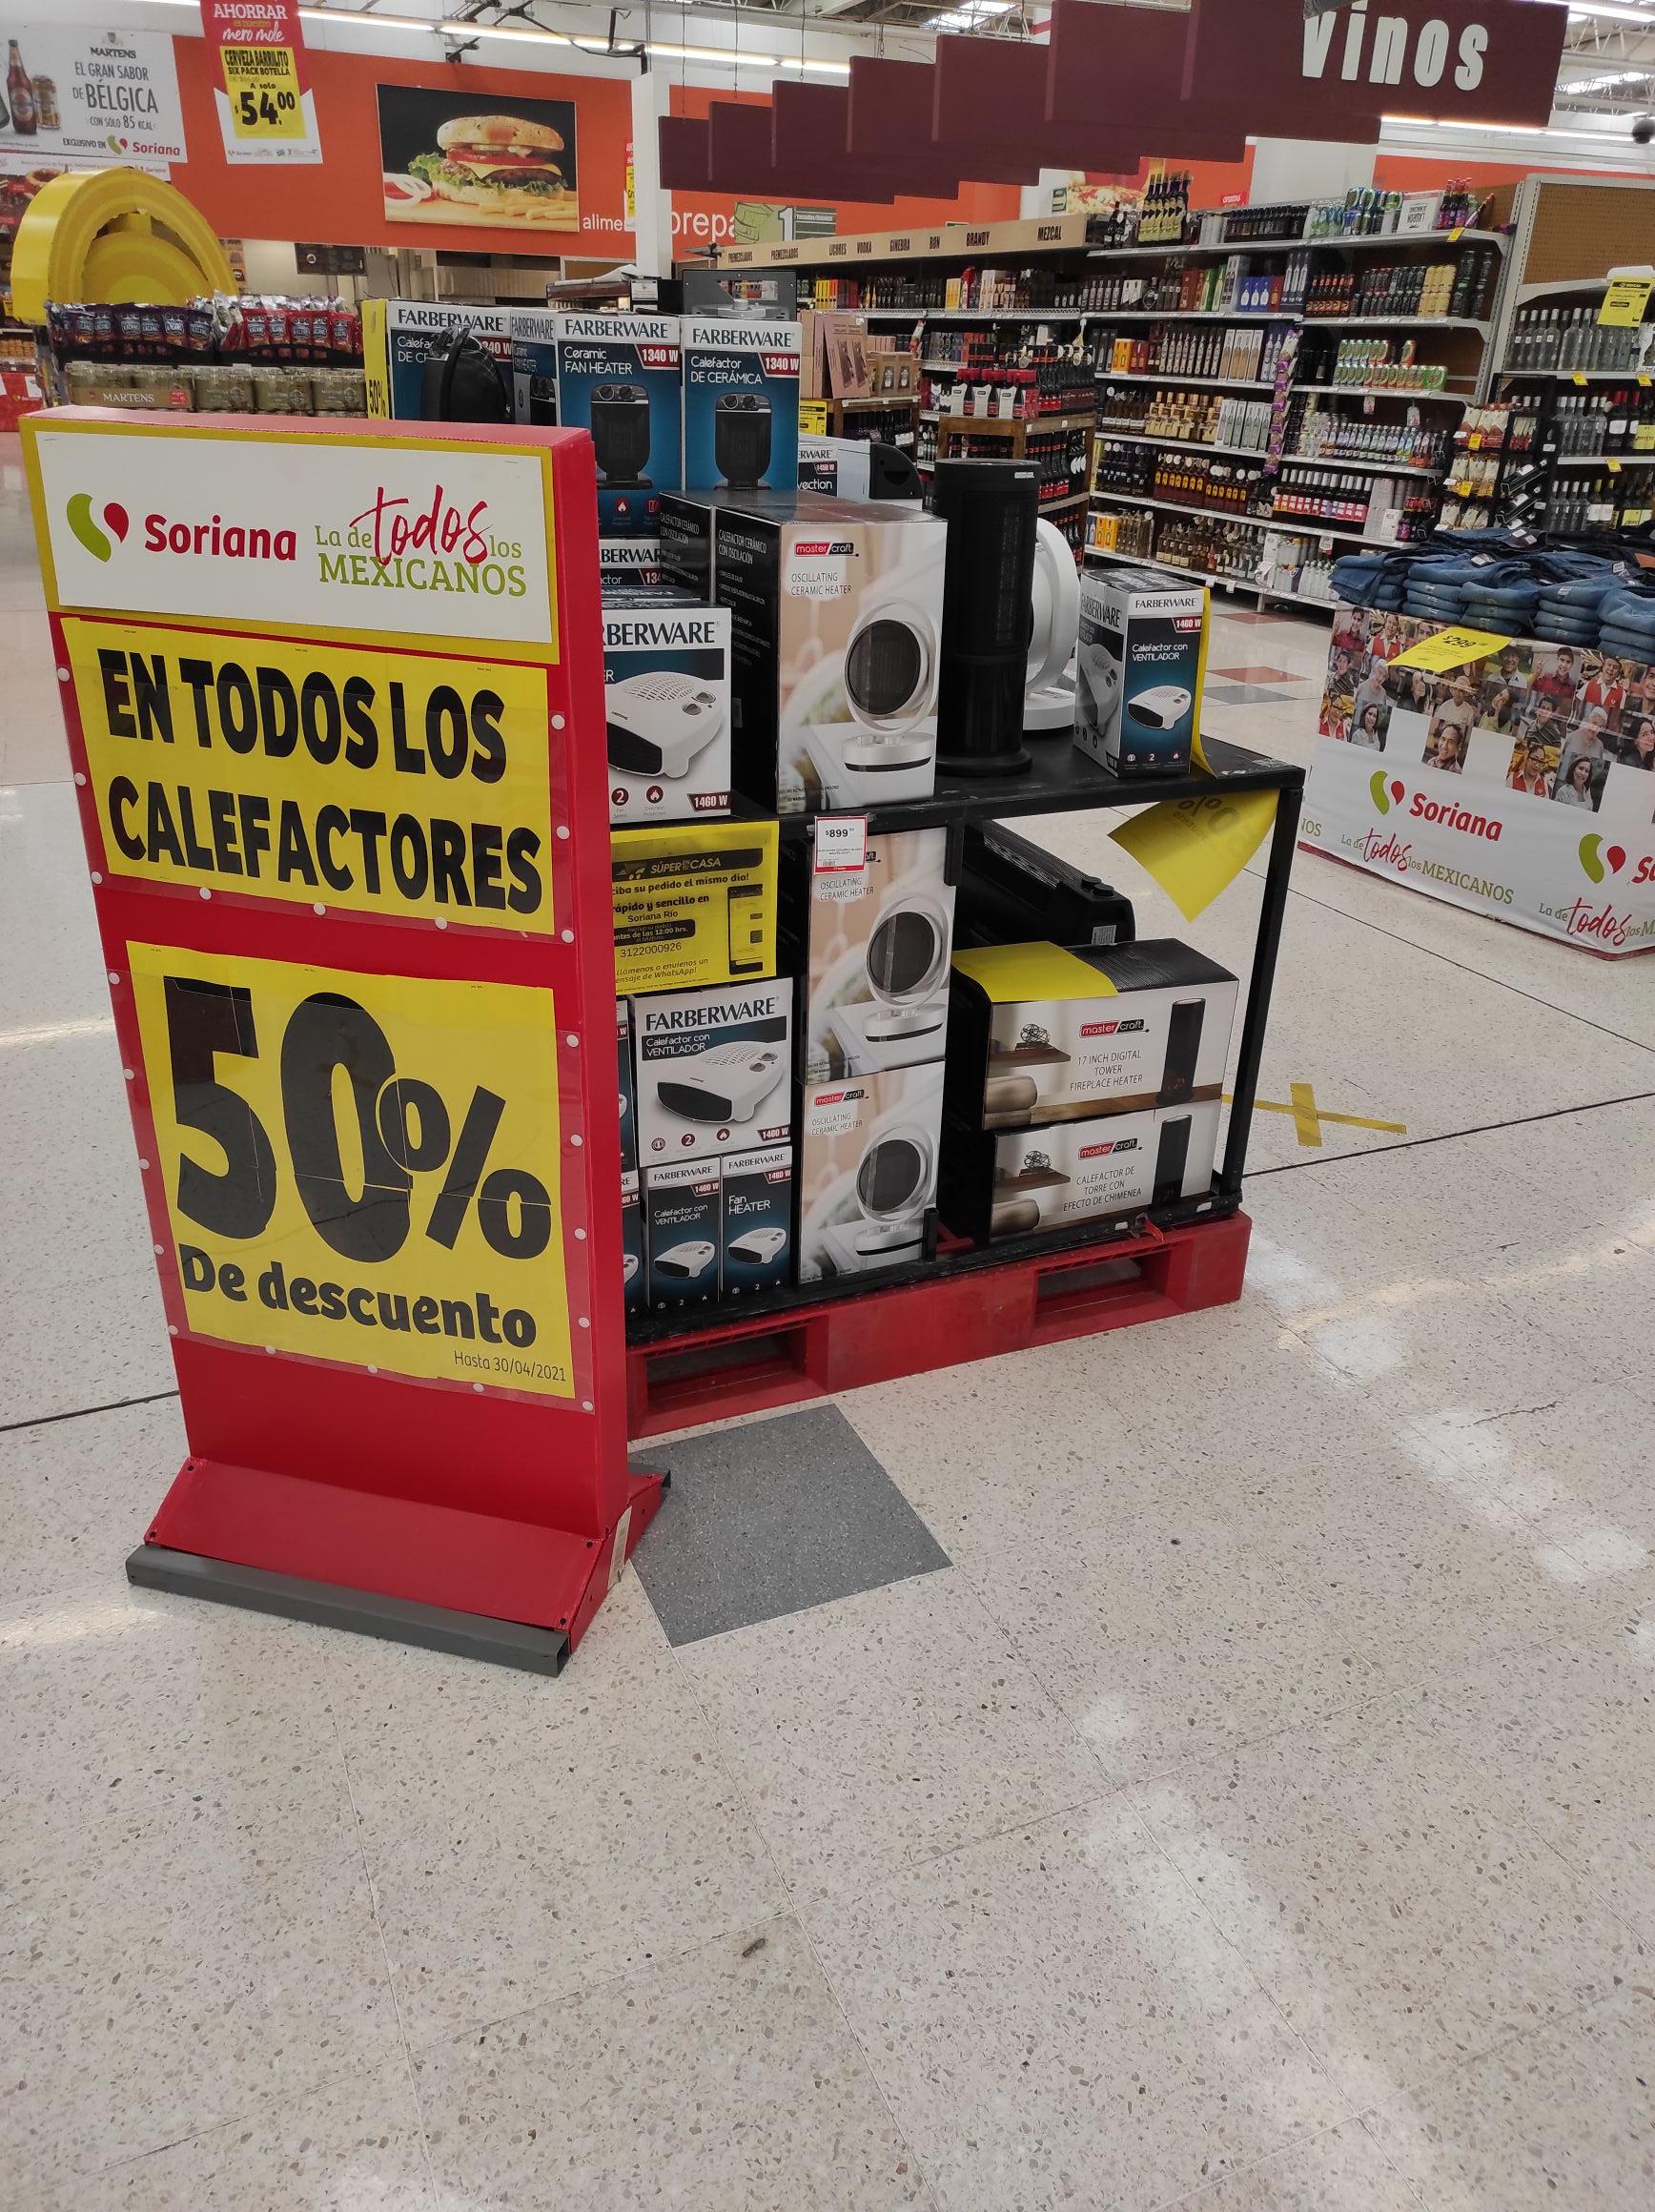 Soriana Calefactores a mitad de precio